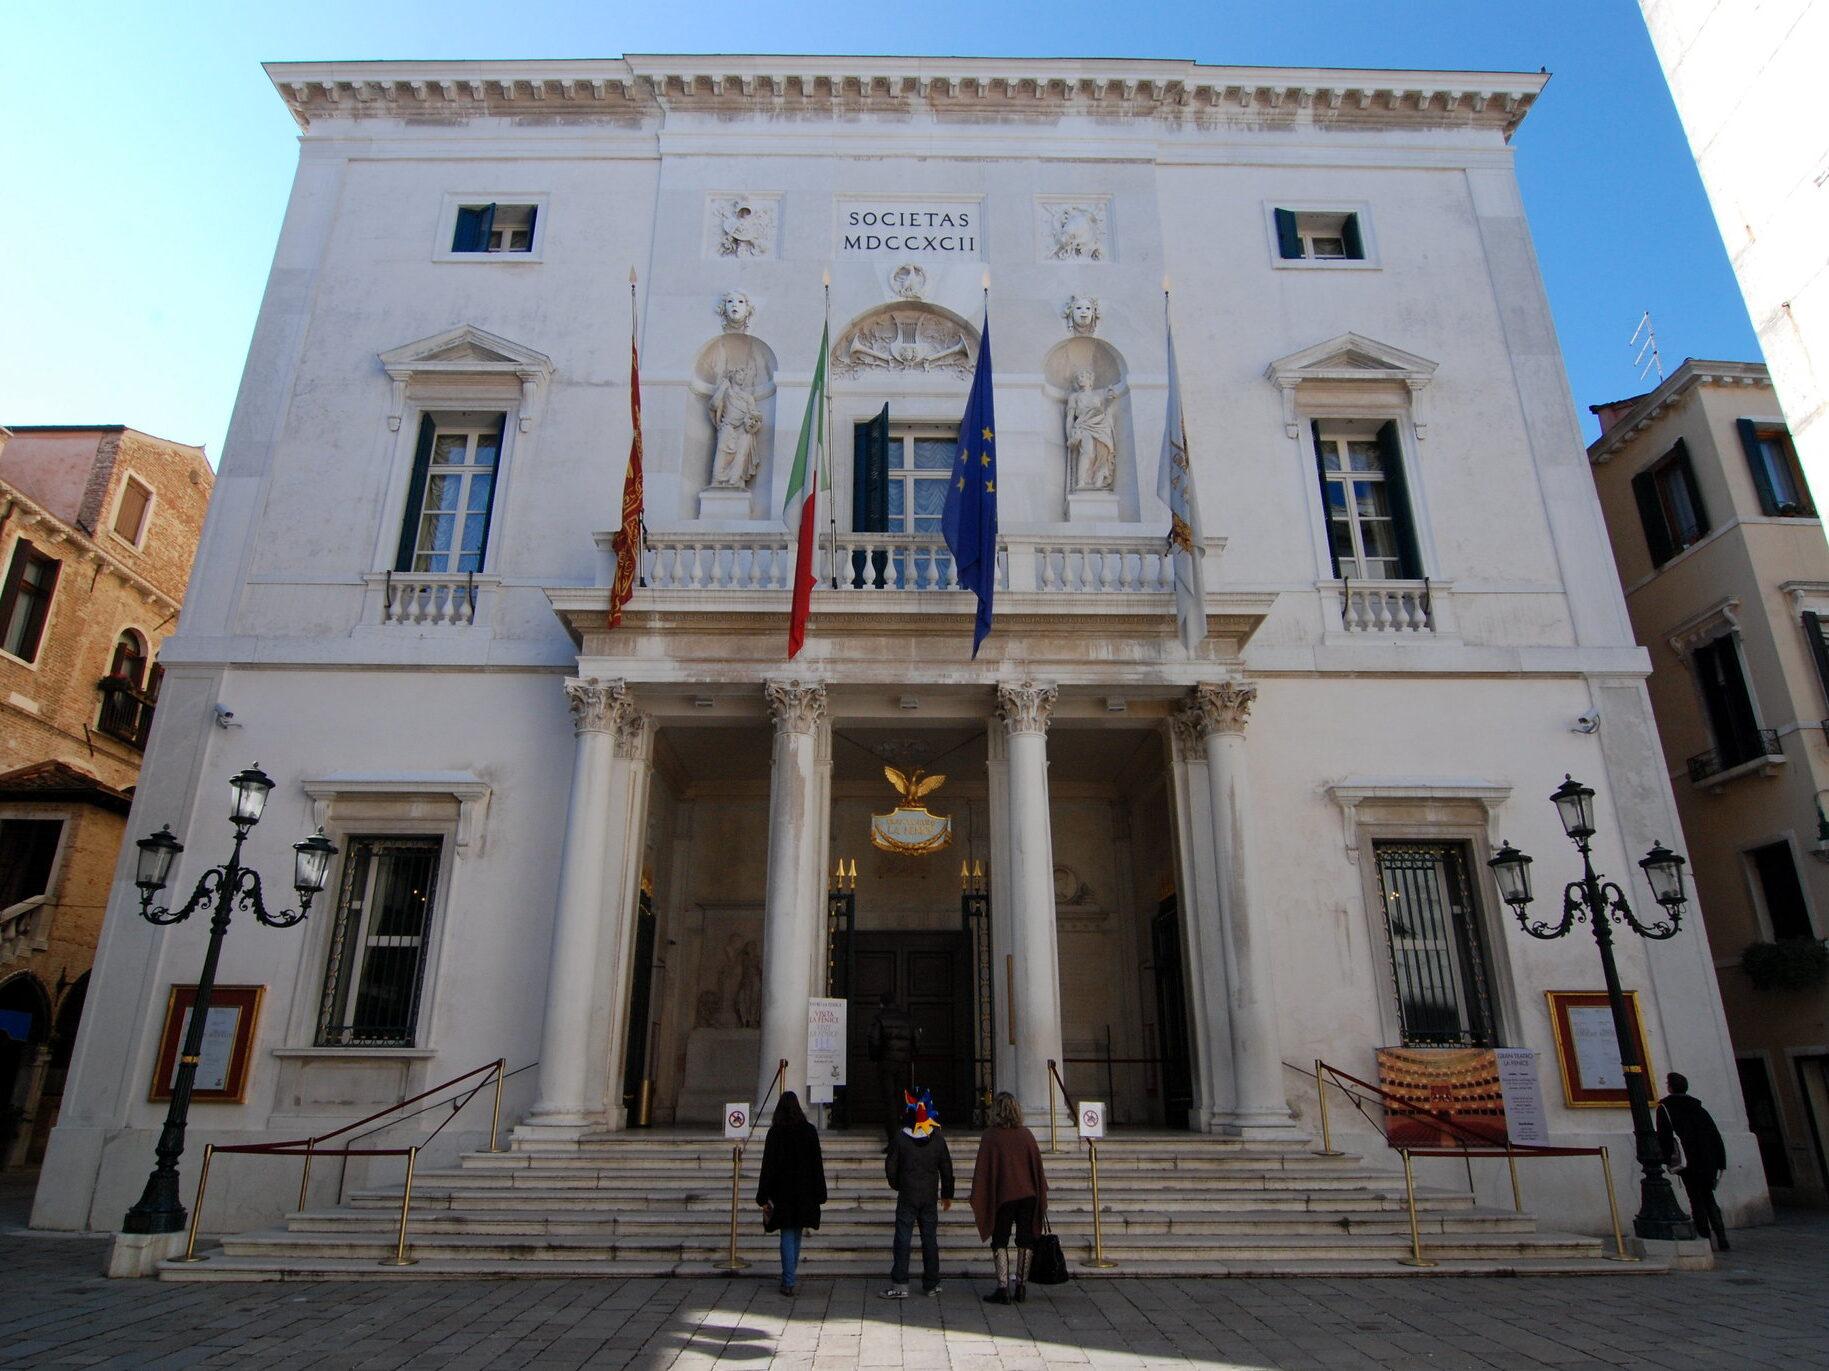 L'ingresso del Teatro la Fenice a Venezia